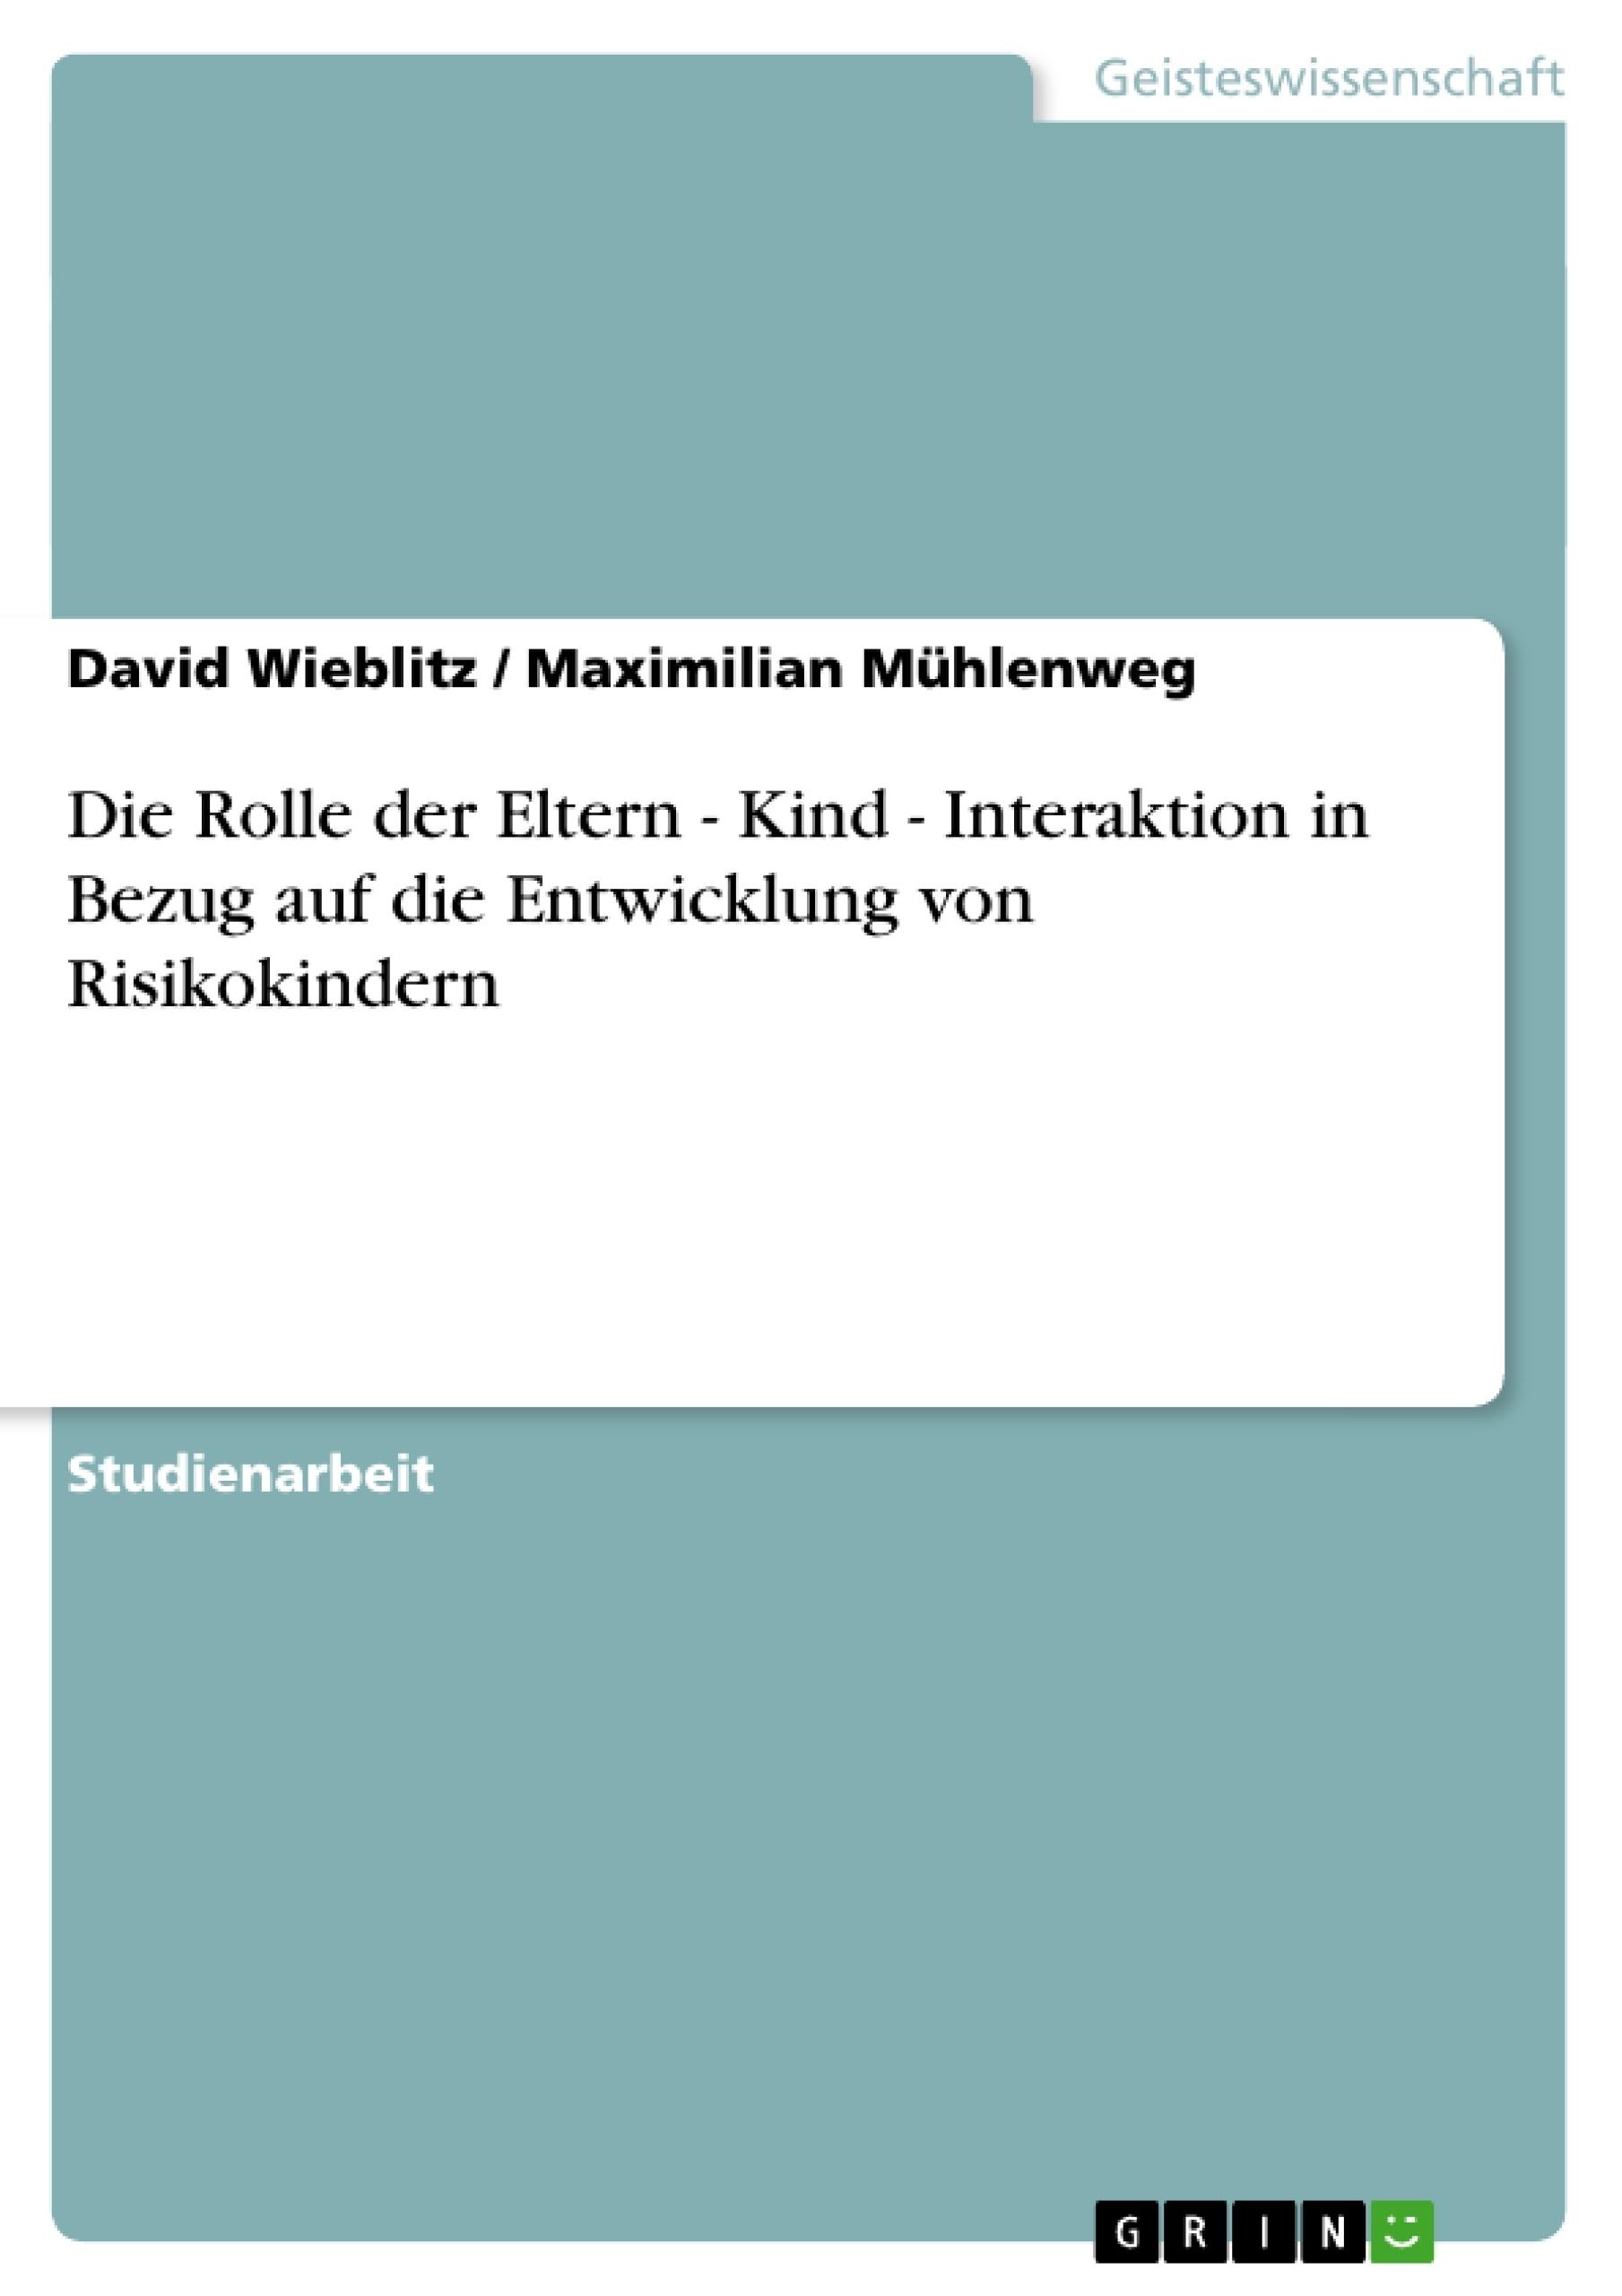 Titel: Die Rolle der Eltern - Kind - Interaktion in Bezug auf die Entwicklung von Risikokindern